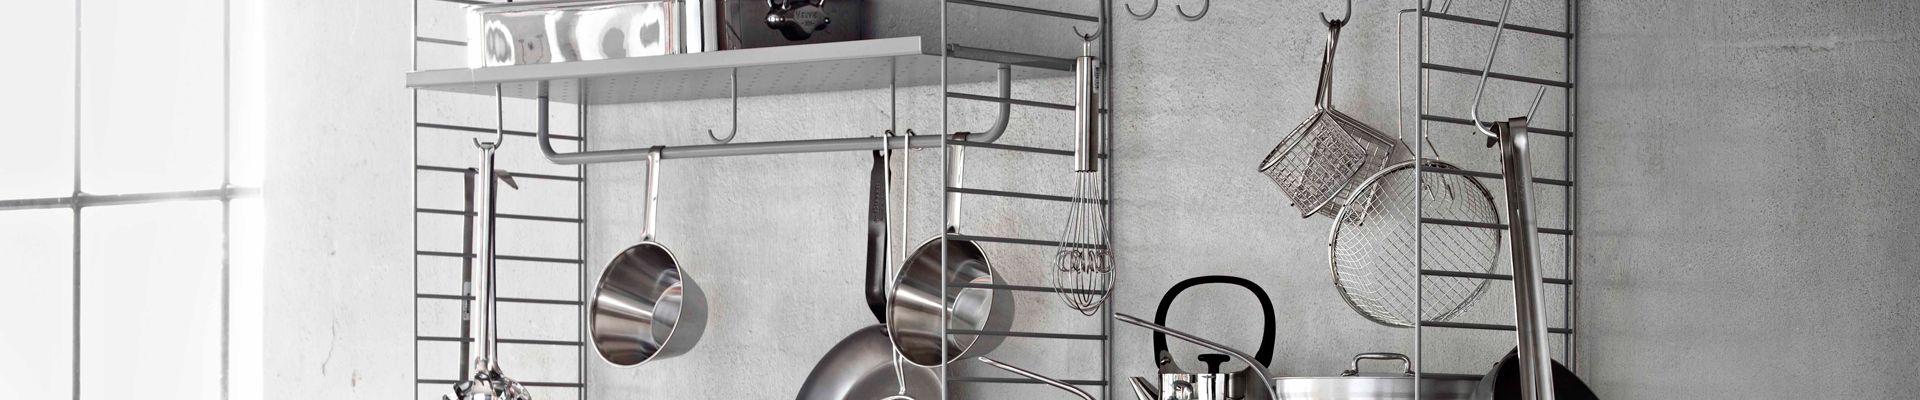 String keuken